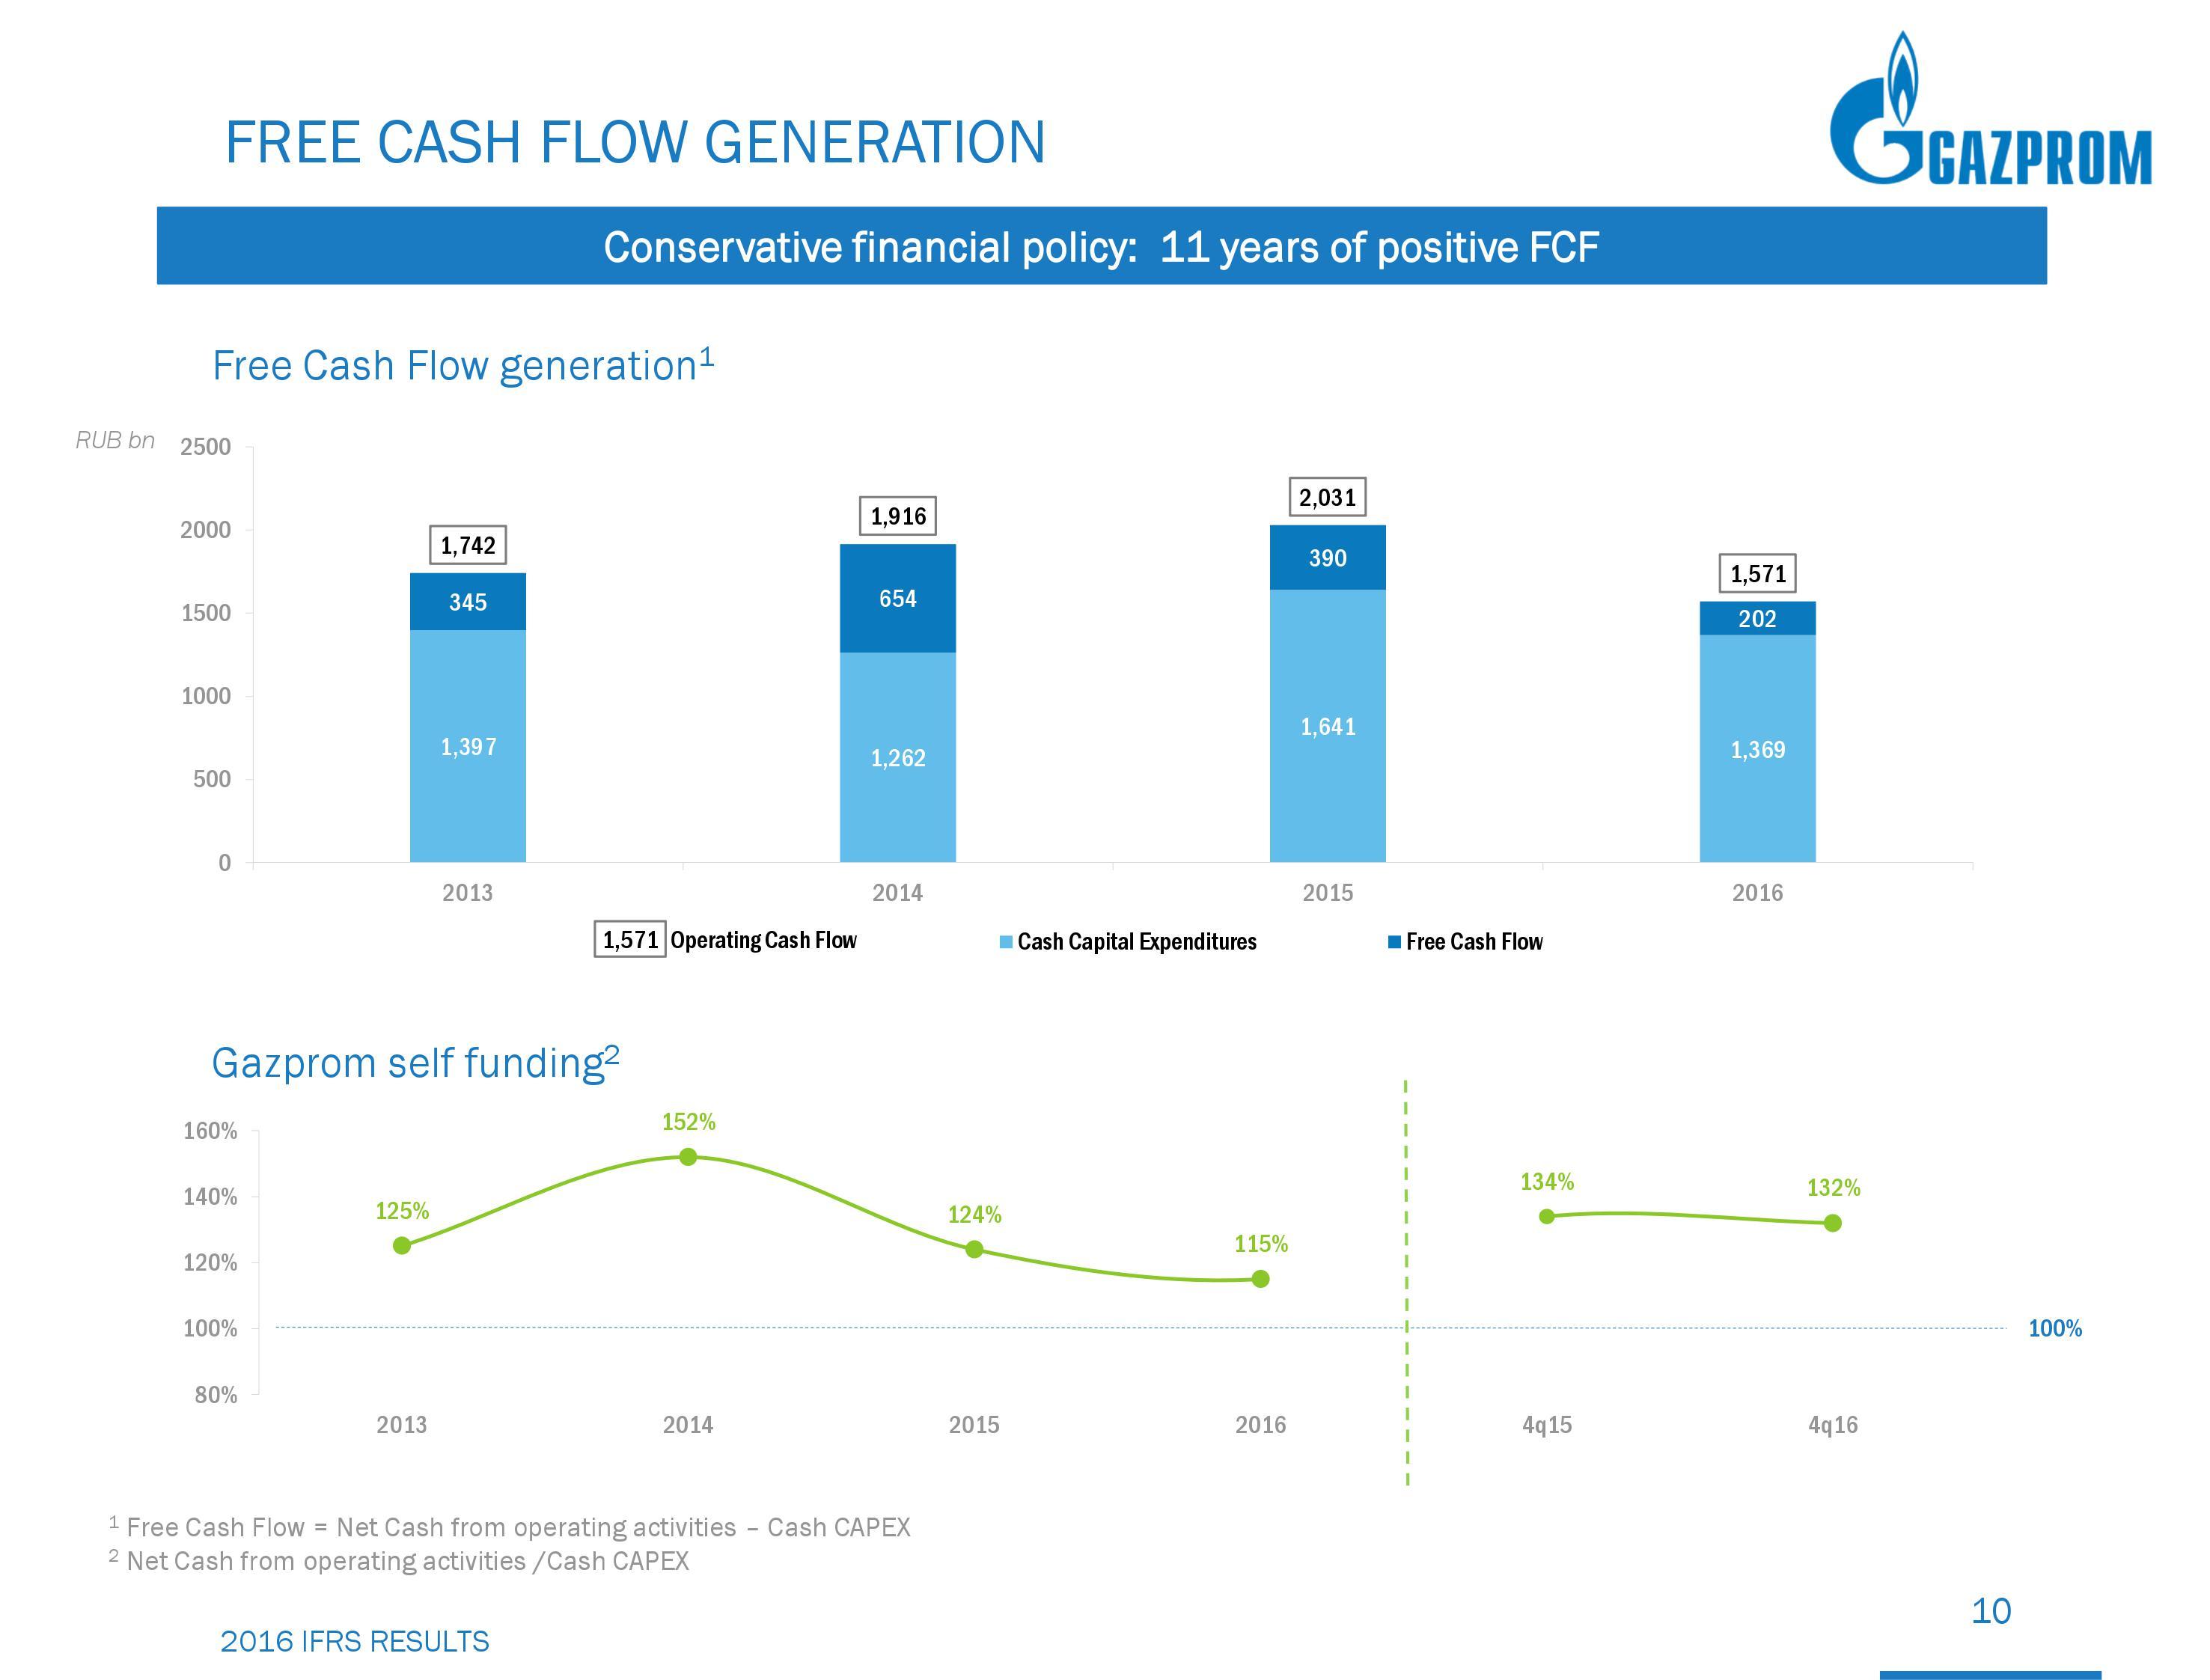 Газпром свободный денежный поток 2016